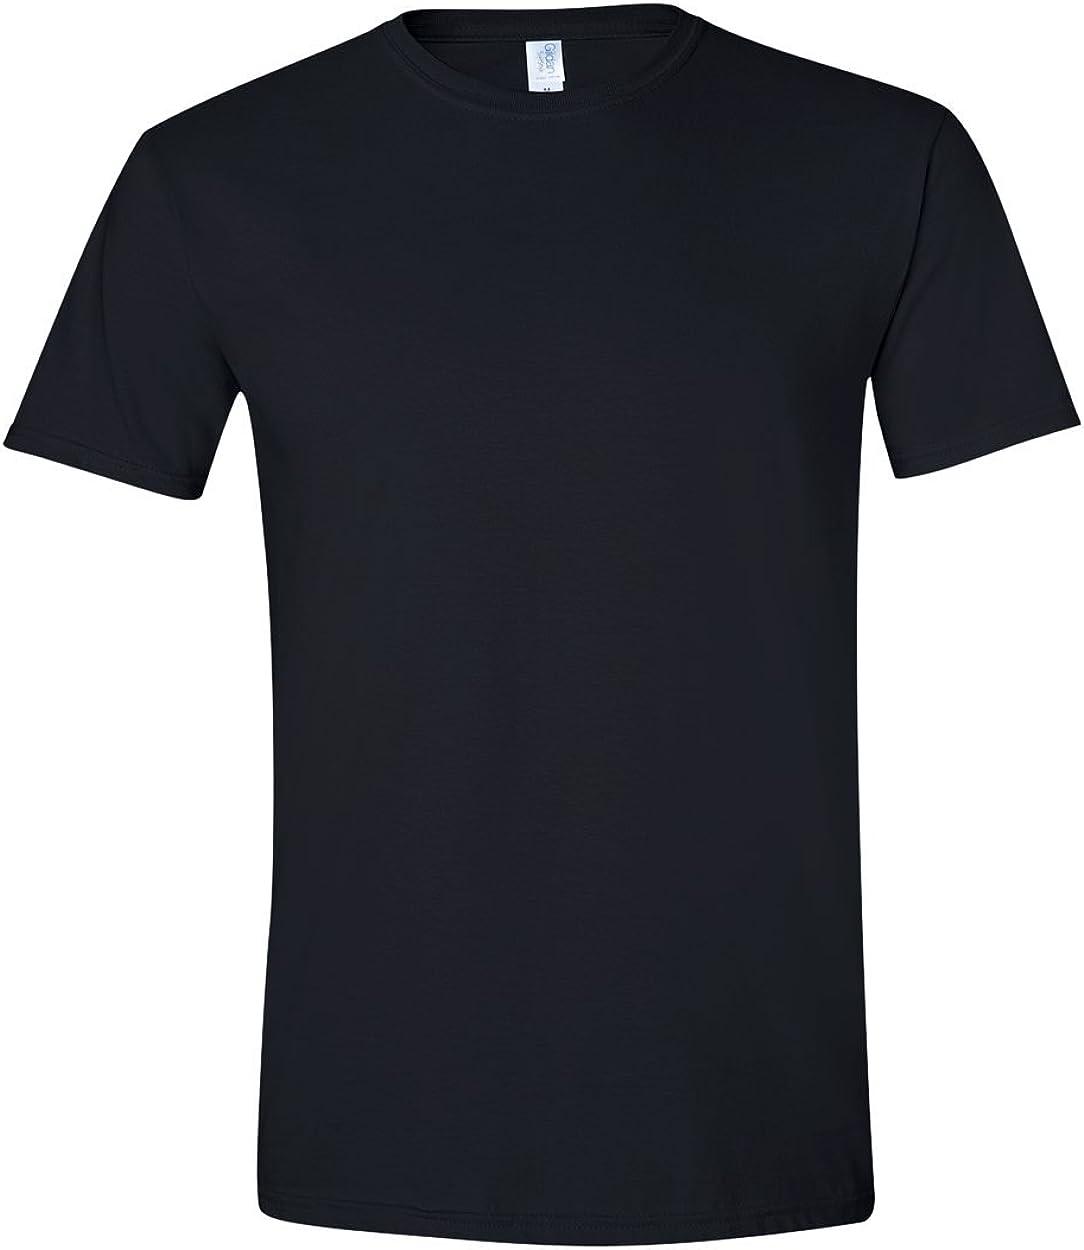 4.5 oz. T-Shirt (G640) Black, 3XL (Pack of 6)